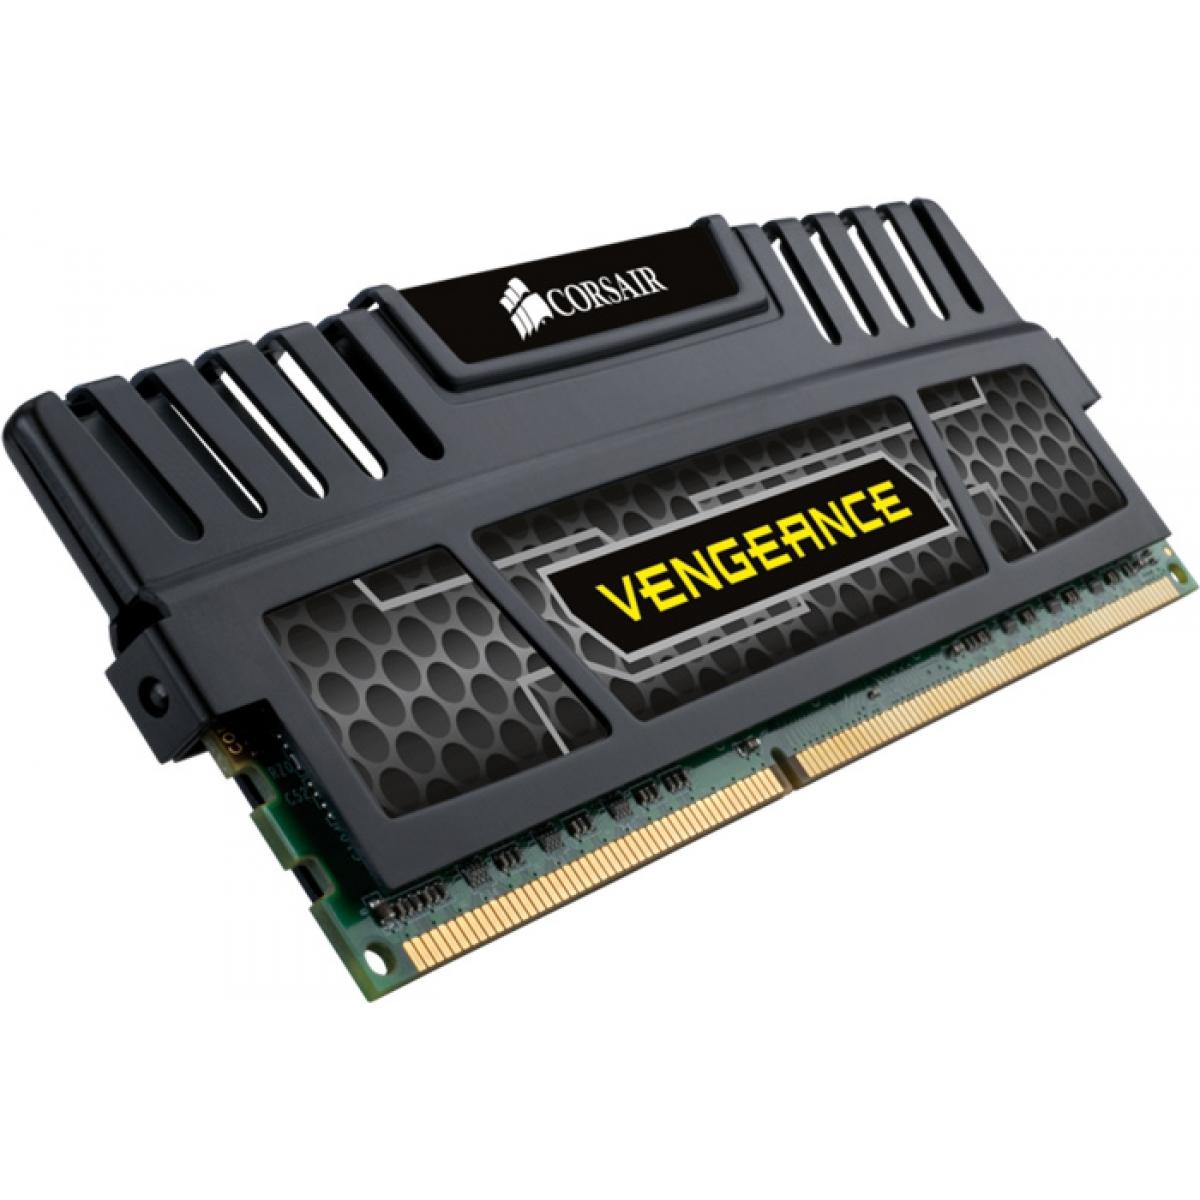 Memória DDR3 Corsair Vengeance, SDP, 4GB 1600MHz, CMZ4GX3M1A1600C9